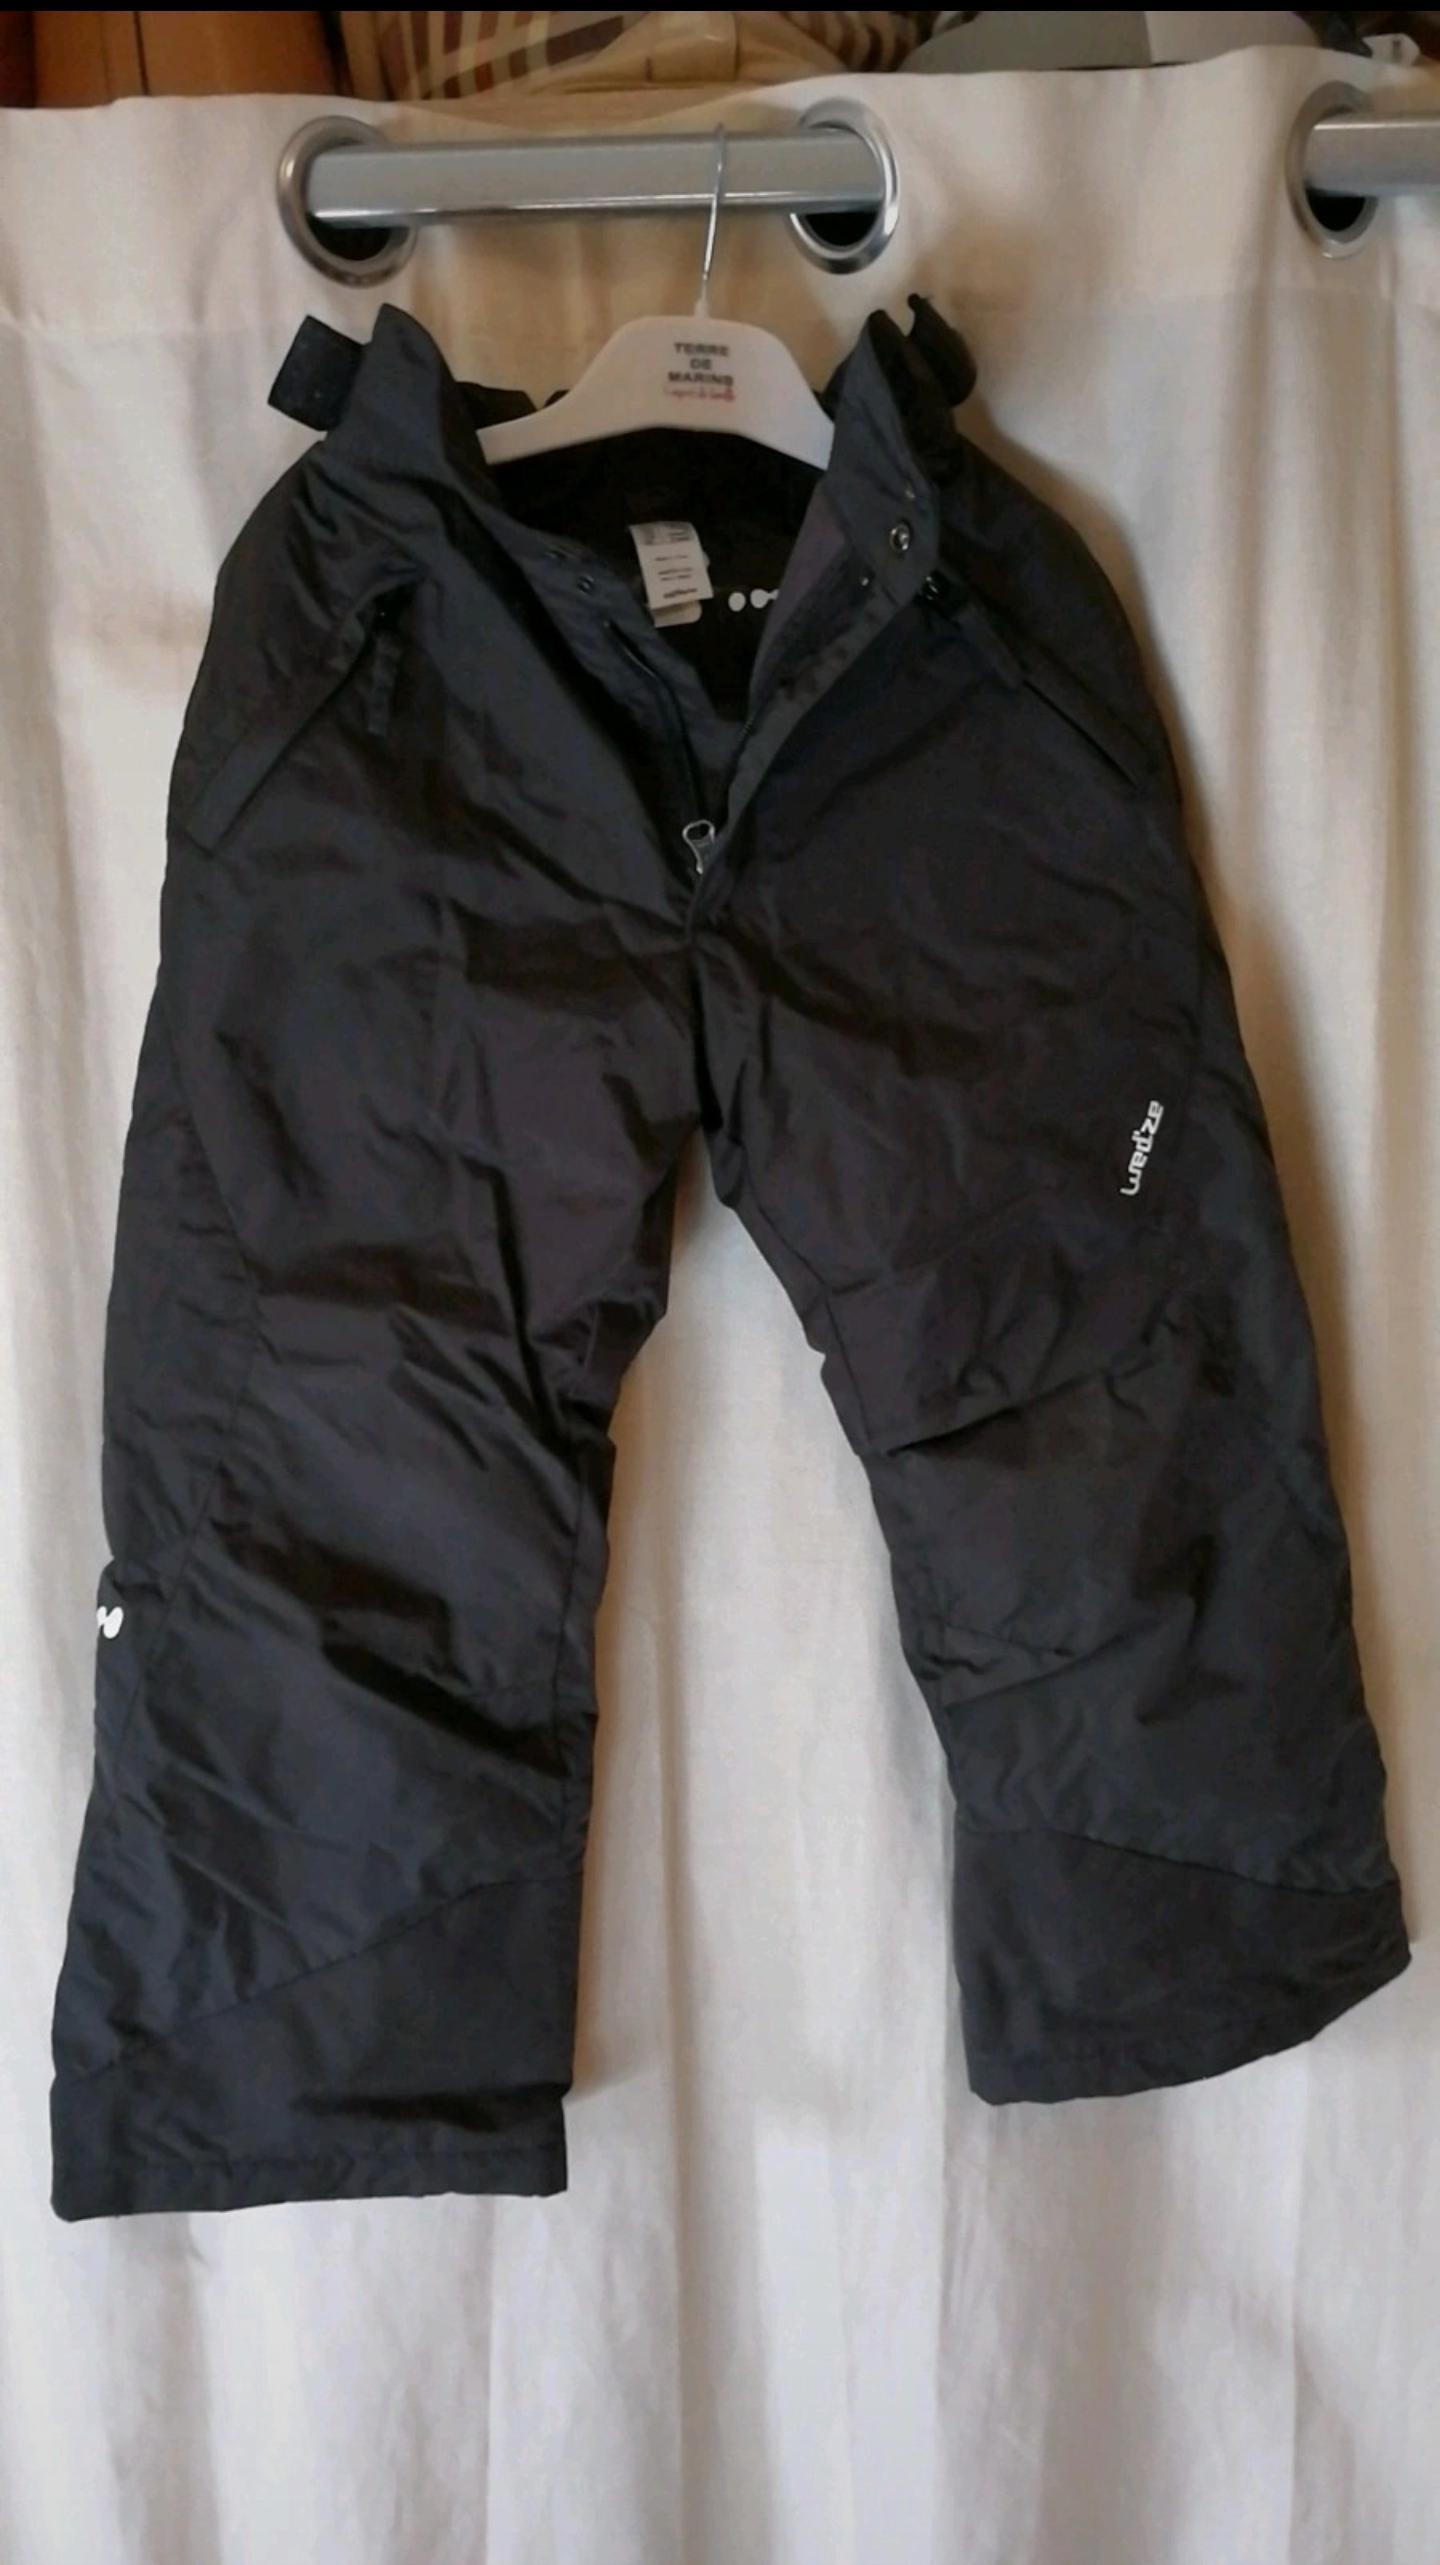 troc de troc recherche pantalon de ski taille 8 ans image 0